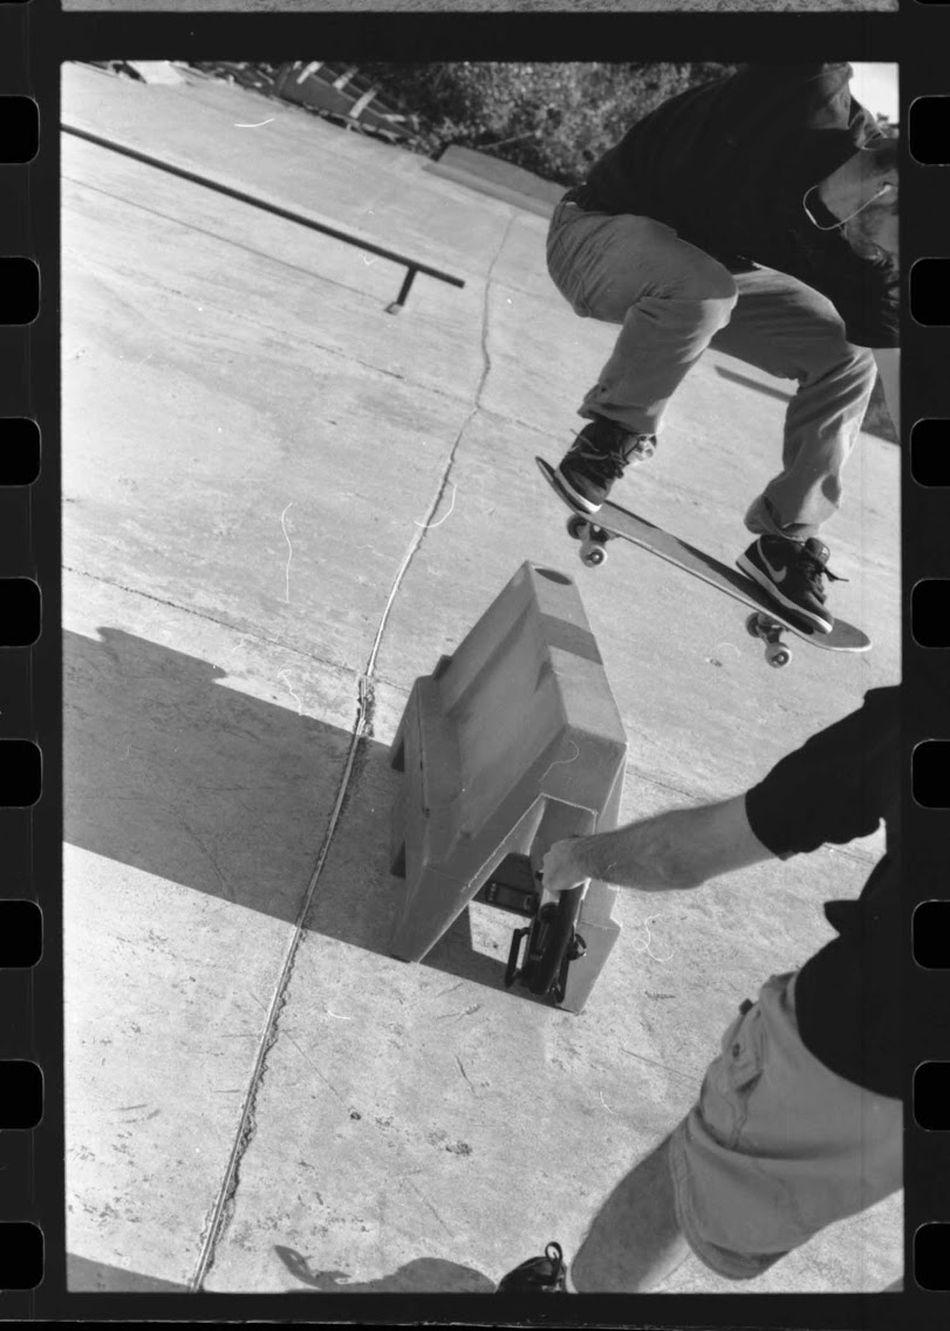 Capturing Movement Skate Life Skateboarding Skateboard Monochrome Black And White 35mm Film Skater Skateuk Canonphotography